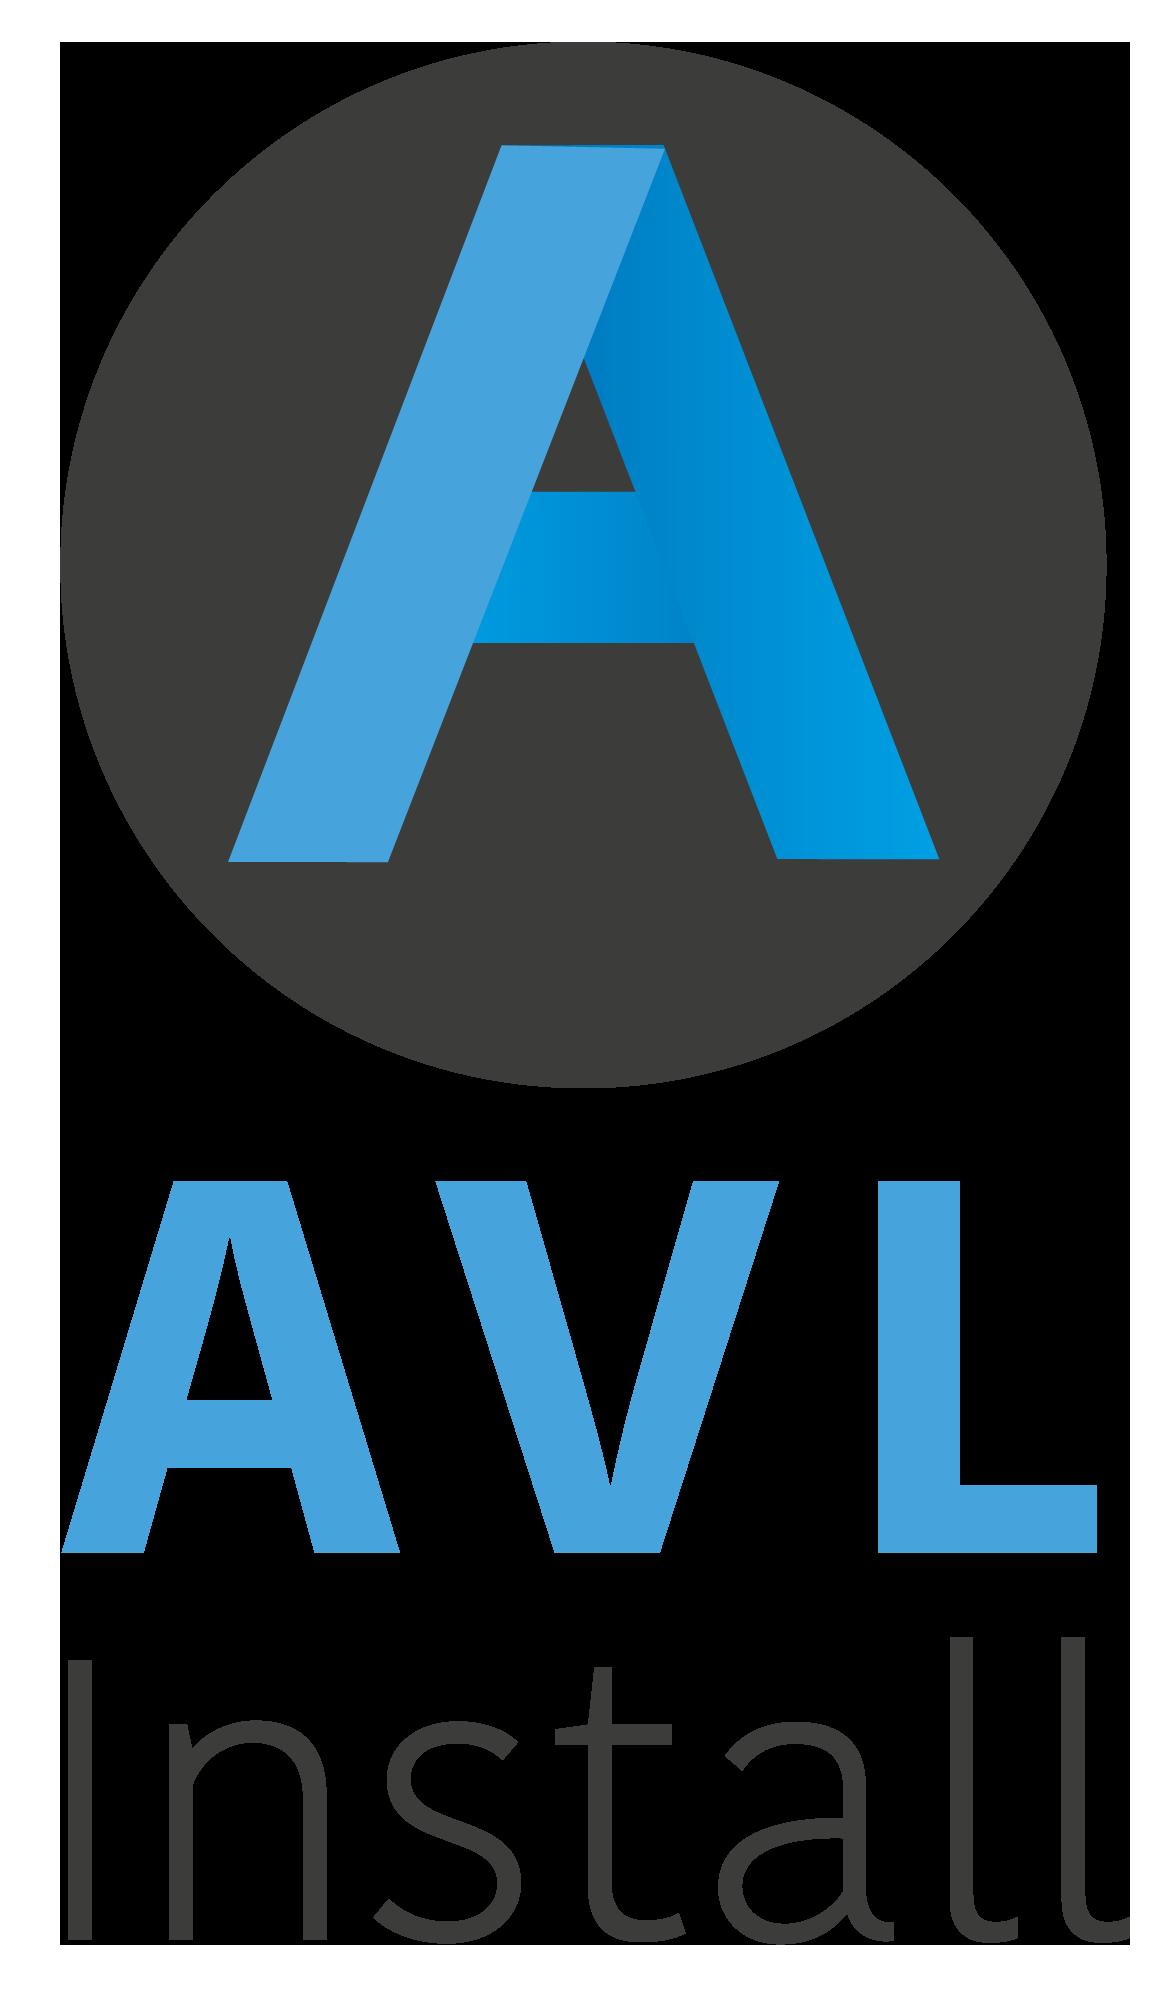 AVL-Install